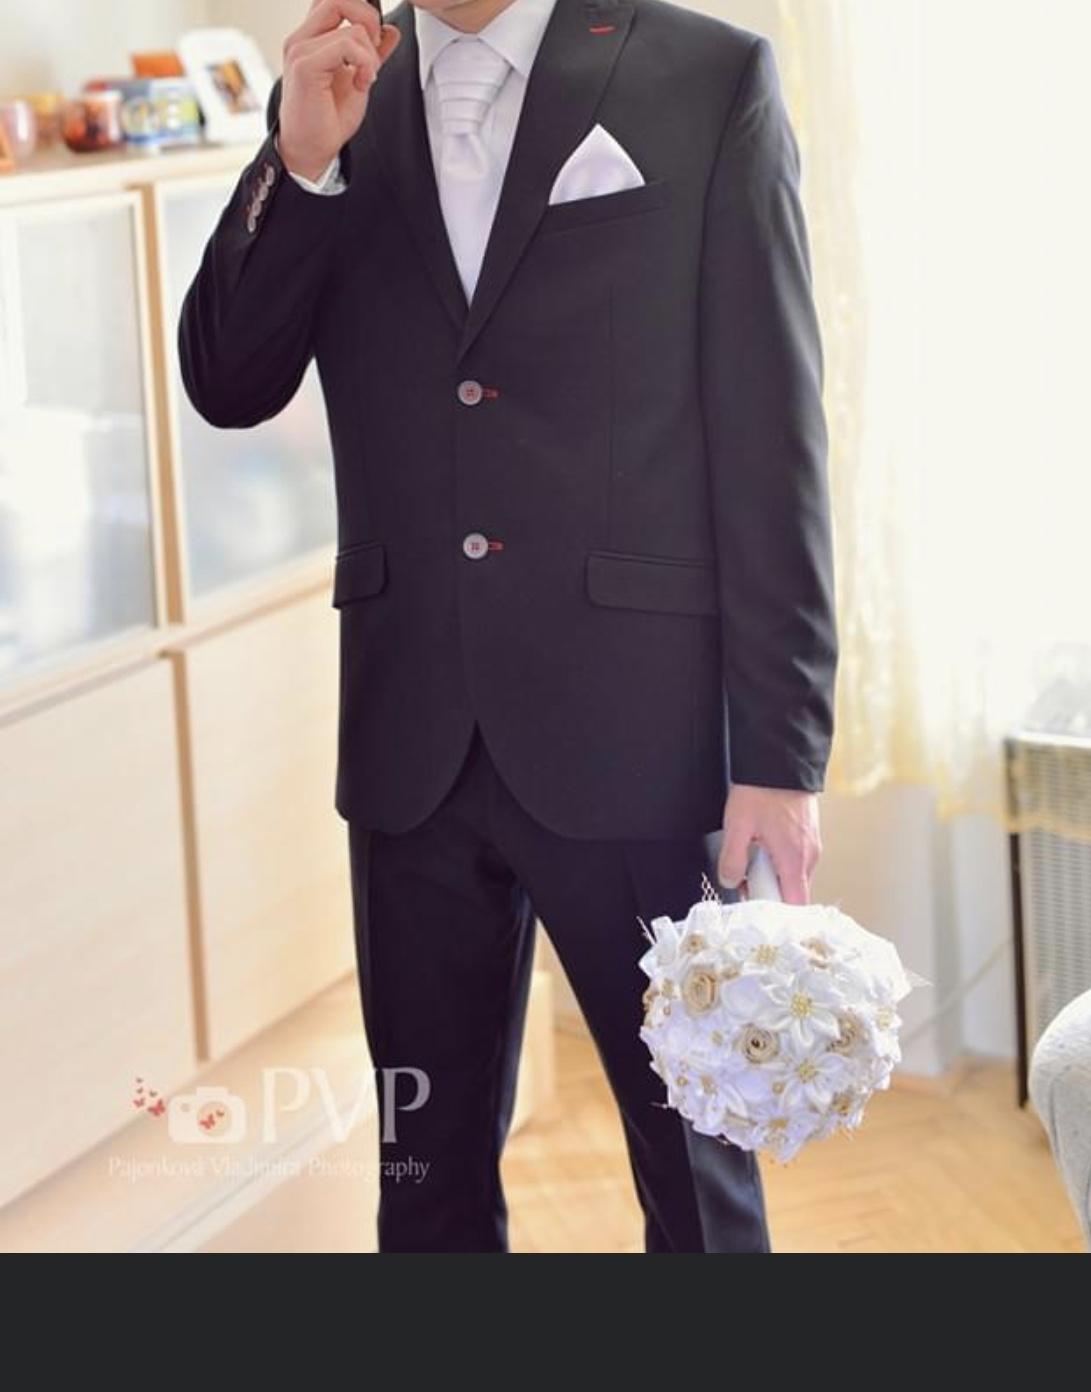 Svadobny oblek  - Obrázok č. 3